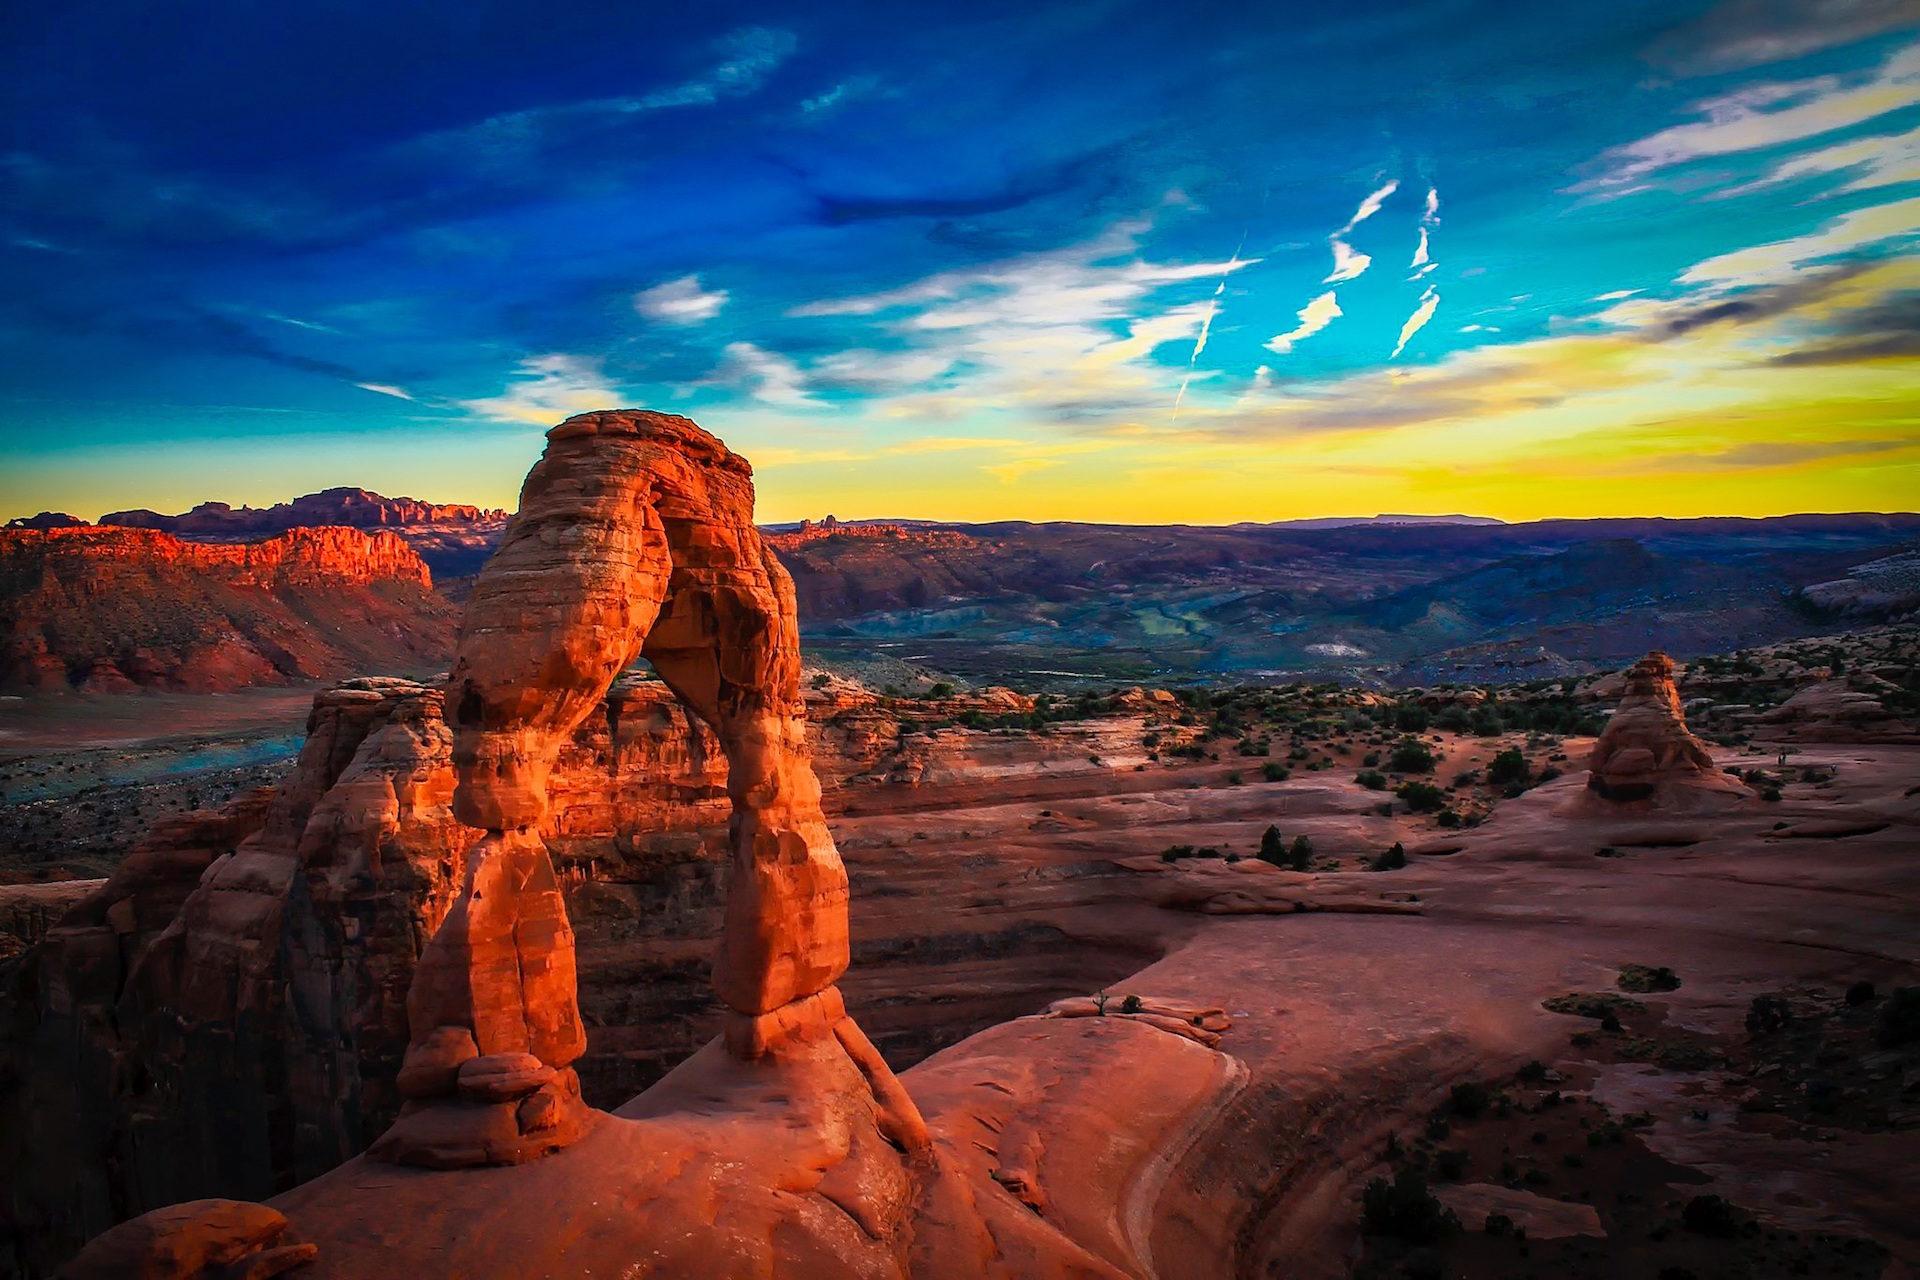 公园, 国家, 拱门, 犹他州, 沙漠 - 高清壁纸 - 教授-falken.com